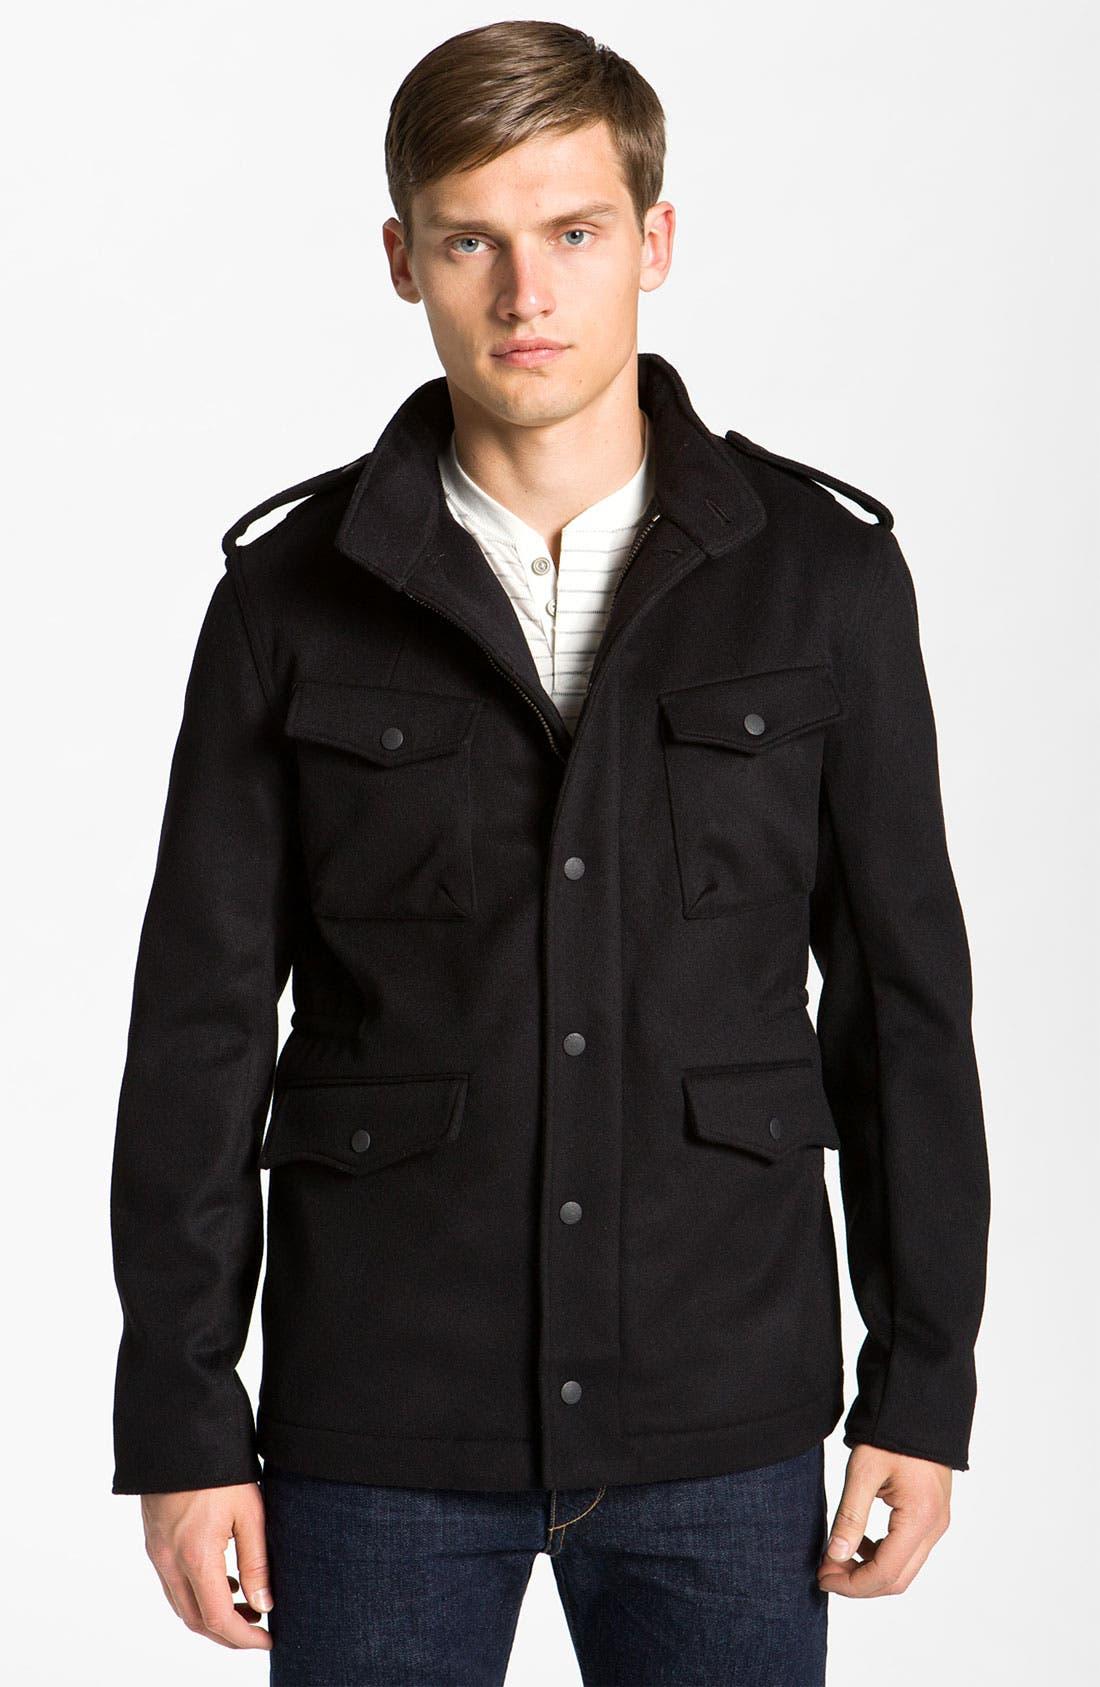 Alternate Image 1 Selected - rag & bone 'Hastings' Wool Military Jacket